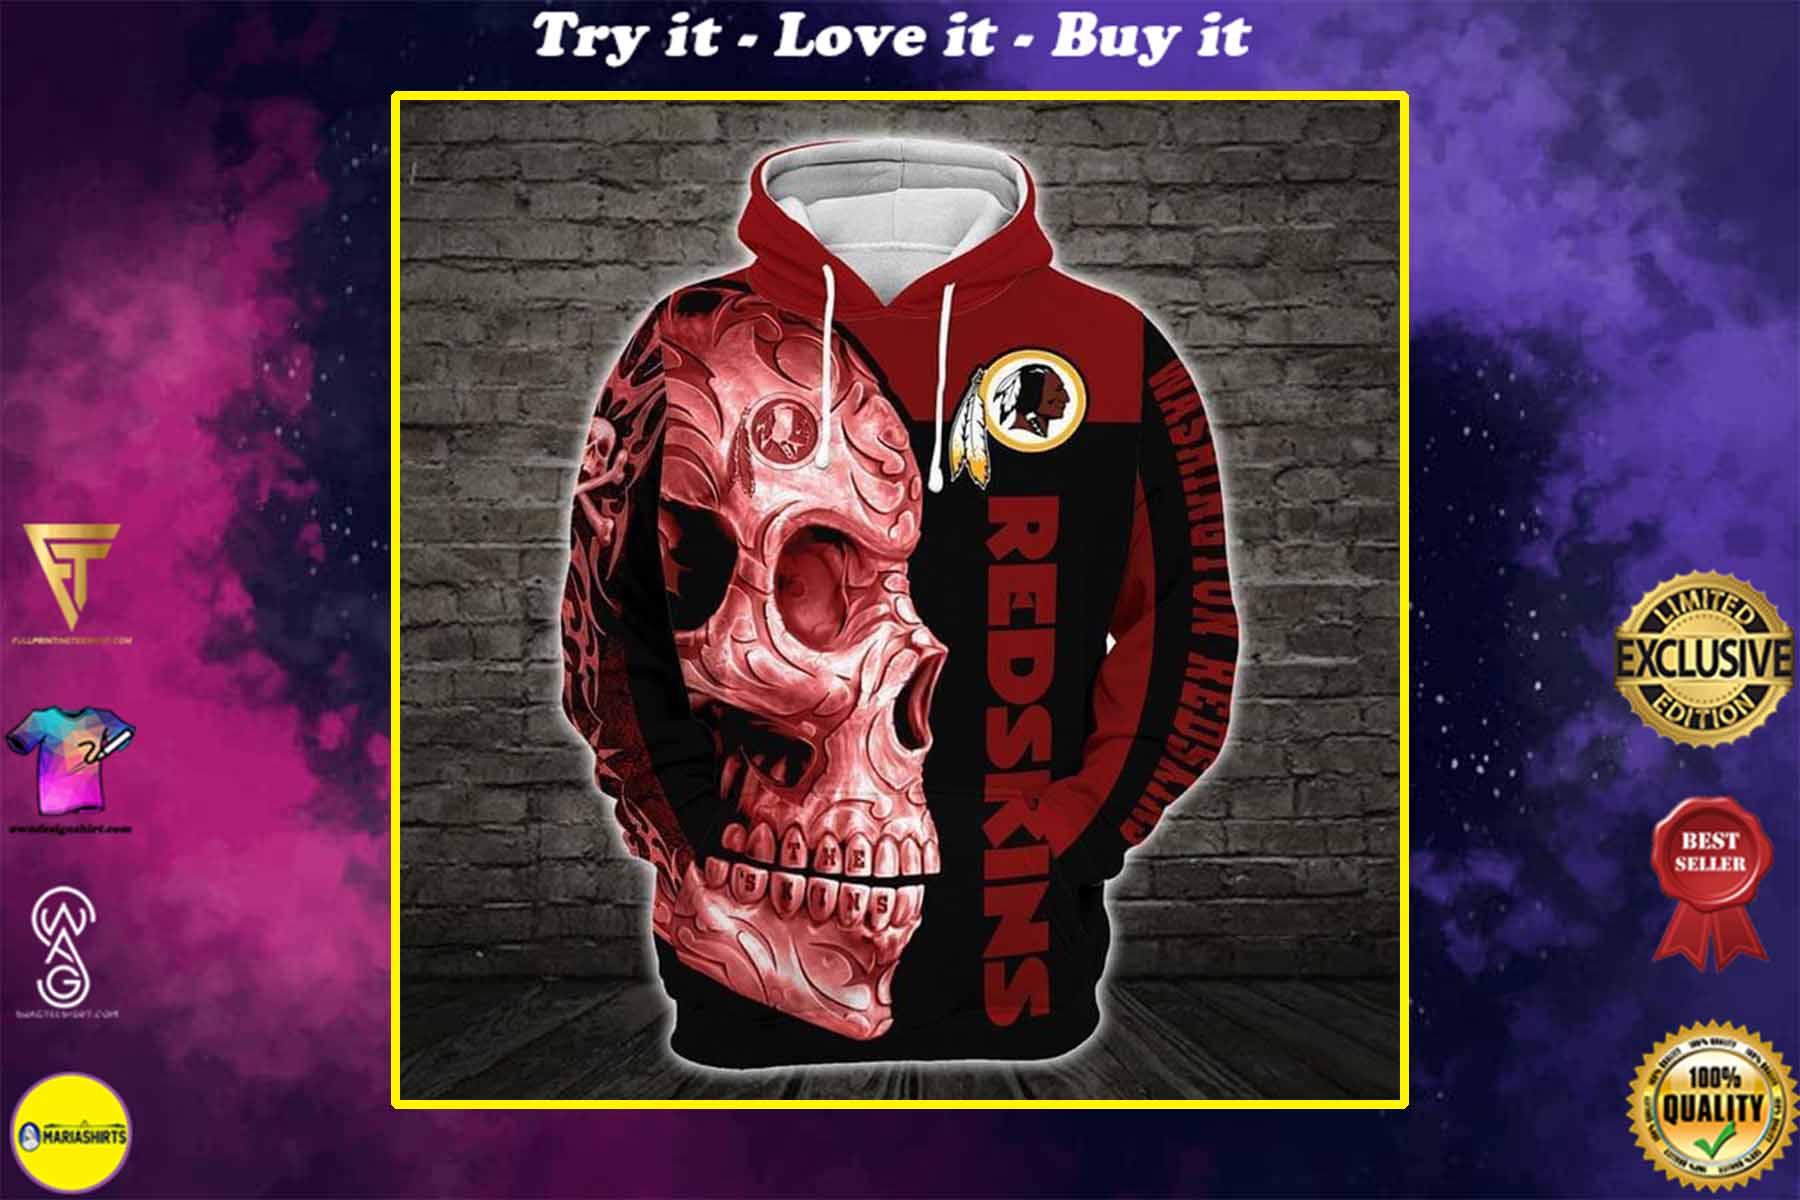 sugar skull washignton redskins football team full over printed shirt